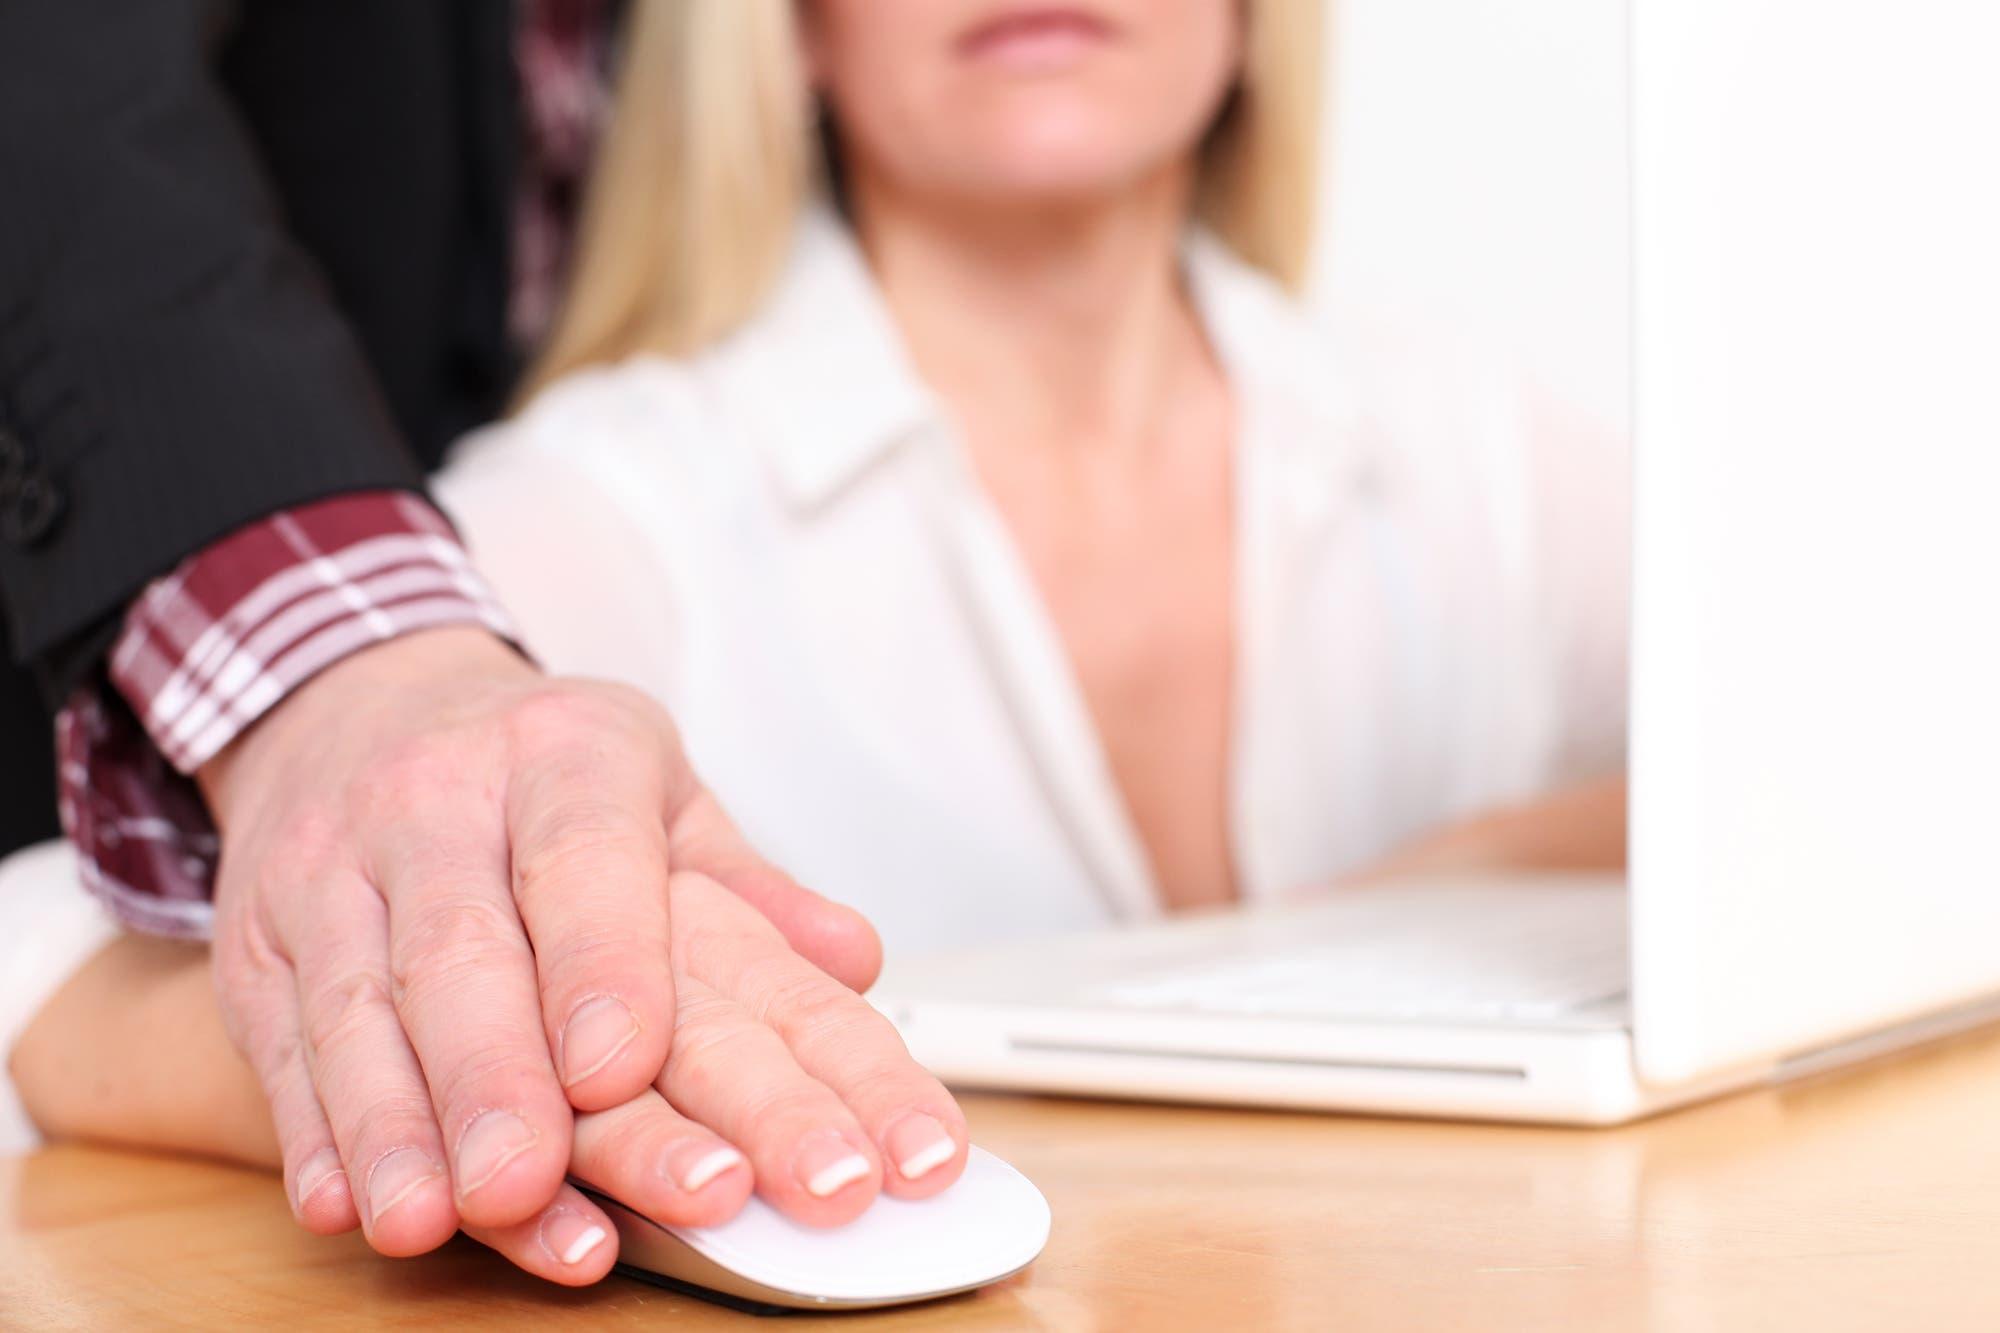 Viele Frauen haben mit sexueller Belästigung am Arbeitsplatz zu kämpfen.